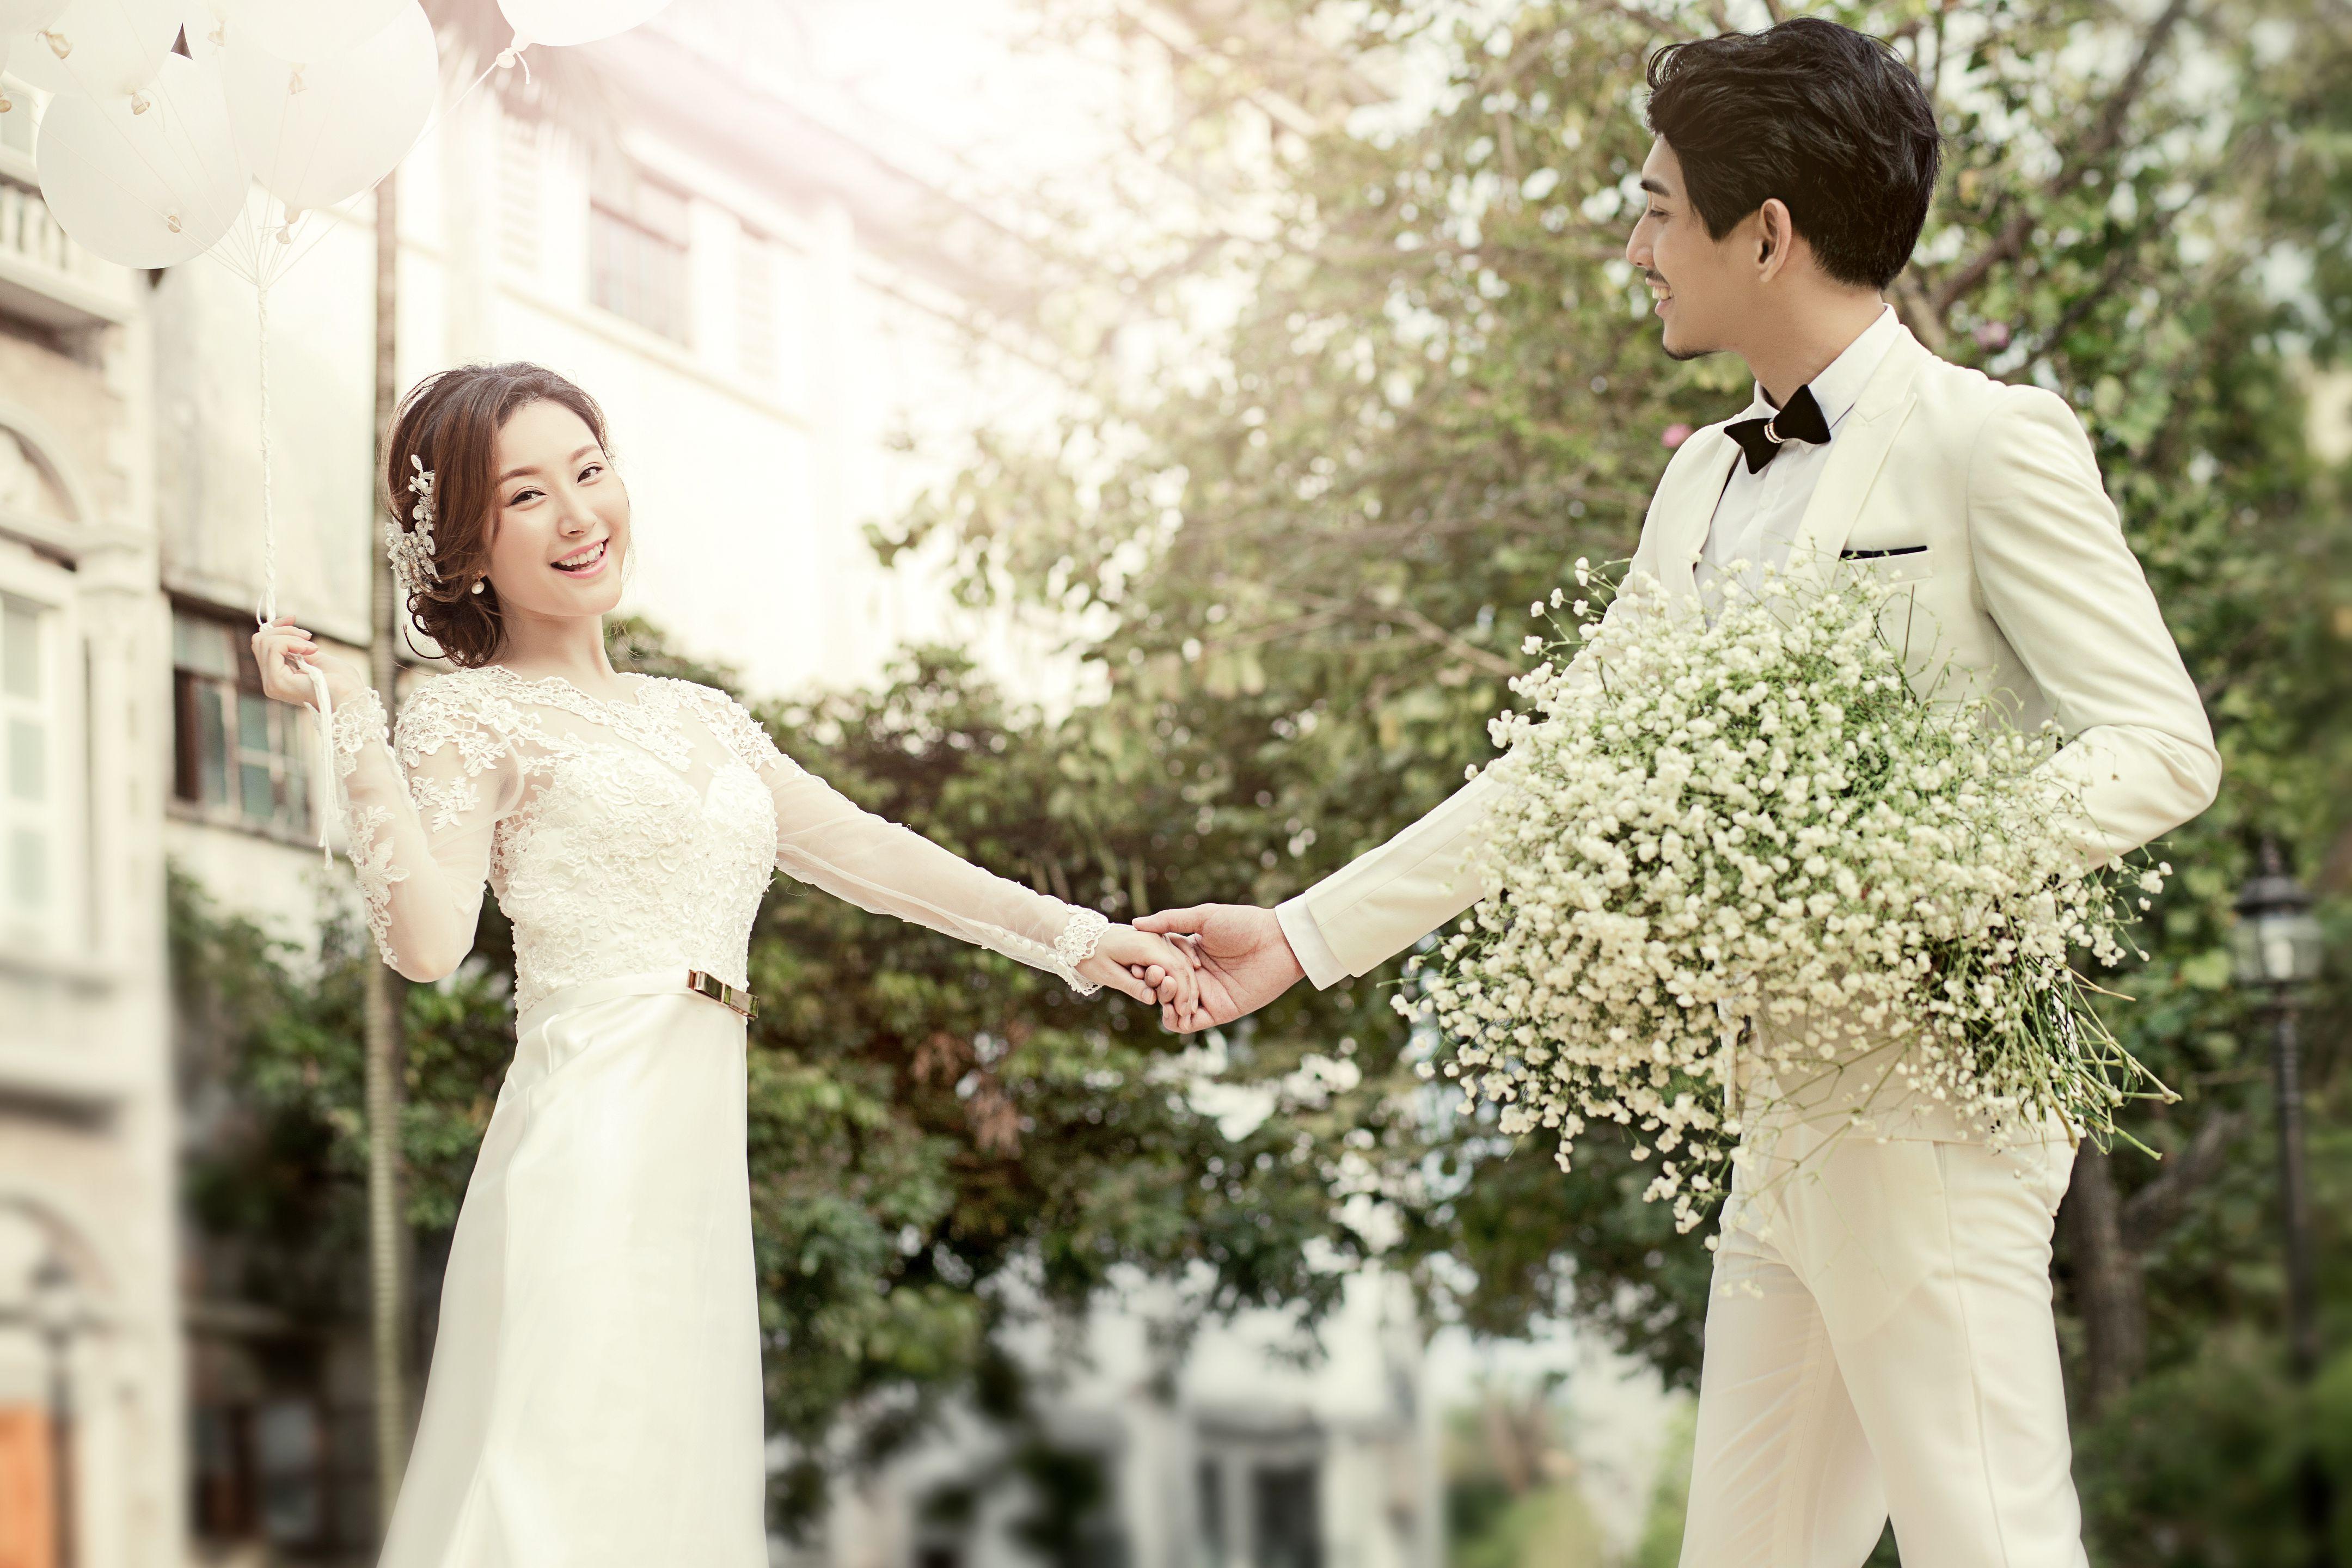 花园婚礼筹备方案,助你打造华丽花园婚礼